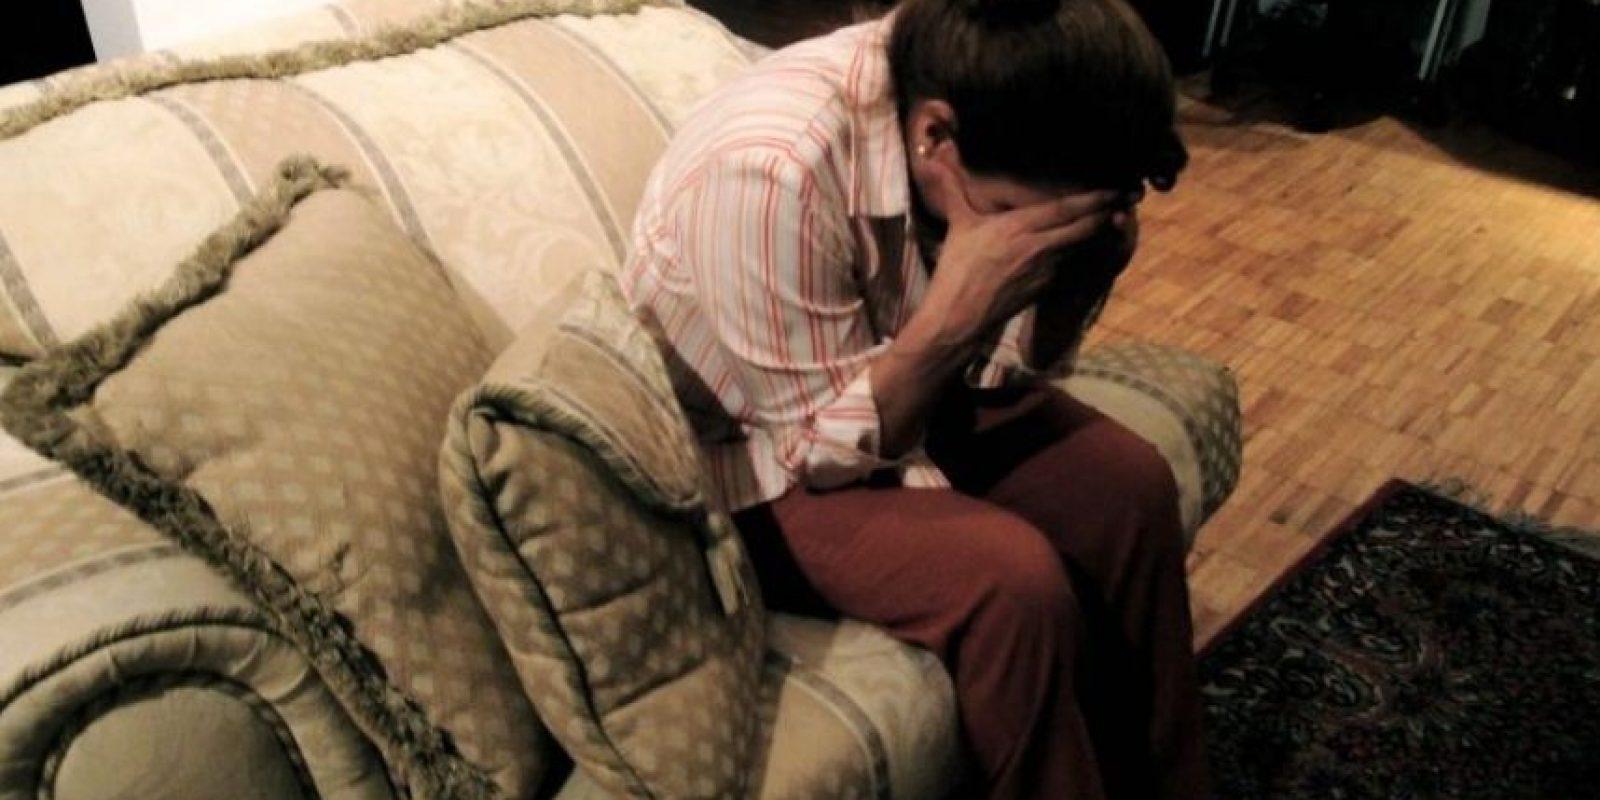 Se dice que Mireille padece una fuerte depresión, posiblemente ocasionada por su divorcio. Foto:Wikicommons